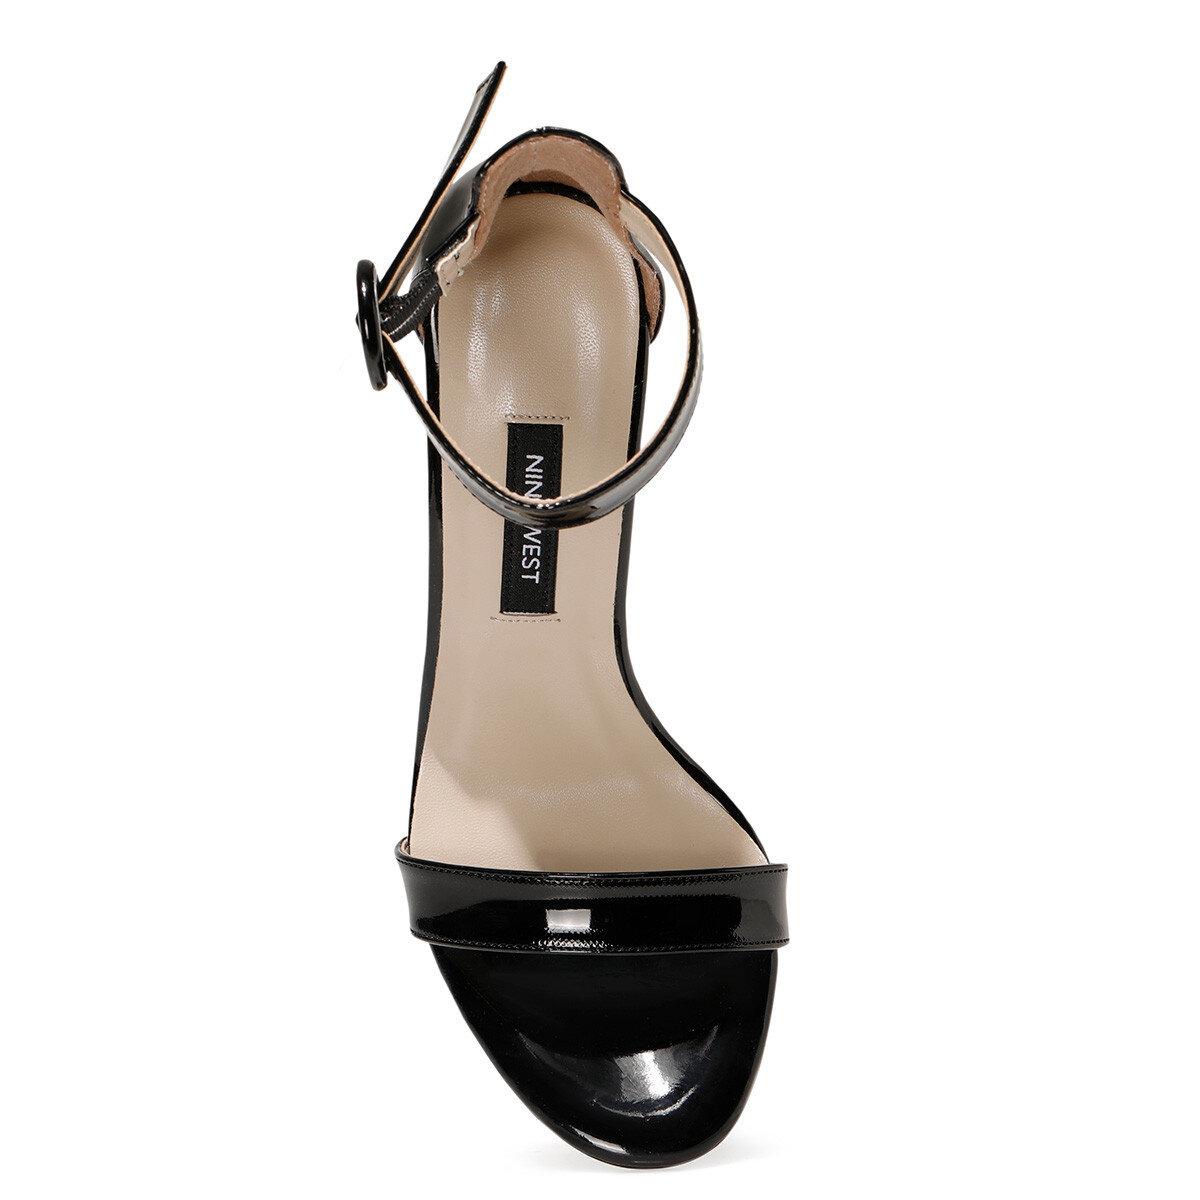 LINDIT2 Siyah Kadın Topuklu Ayakkabı